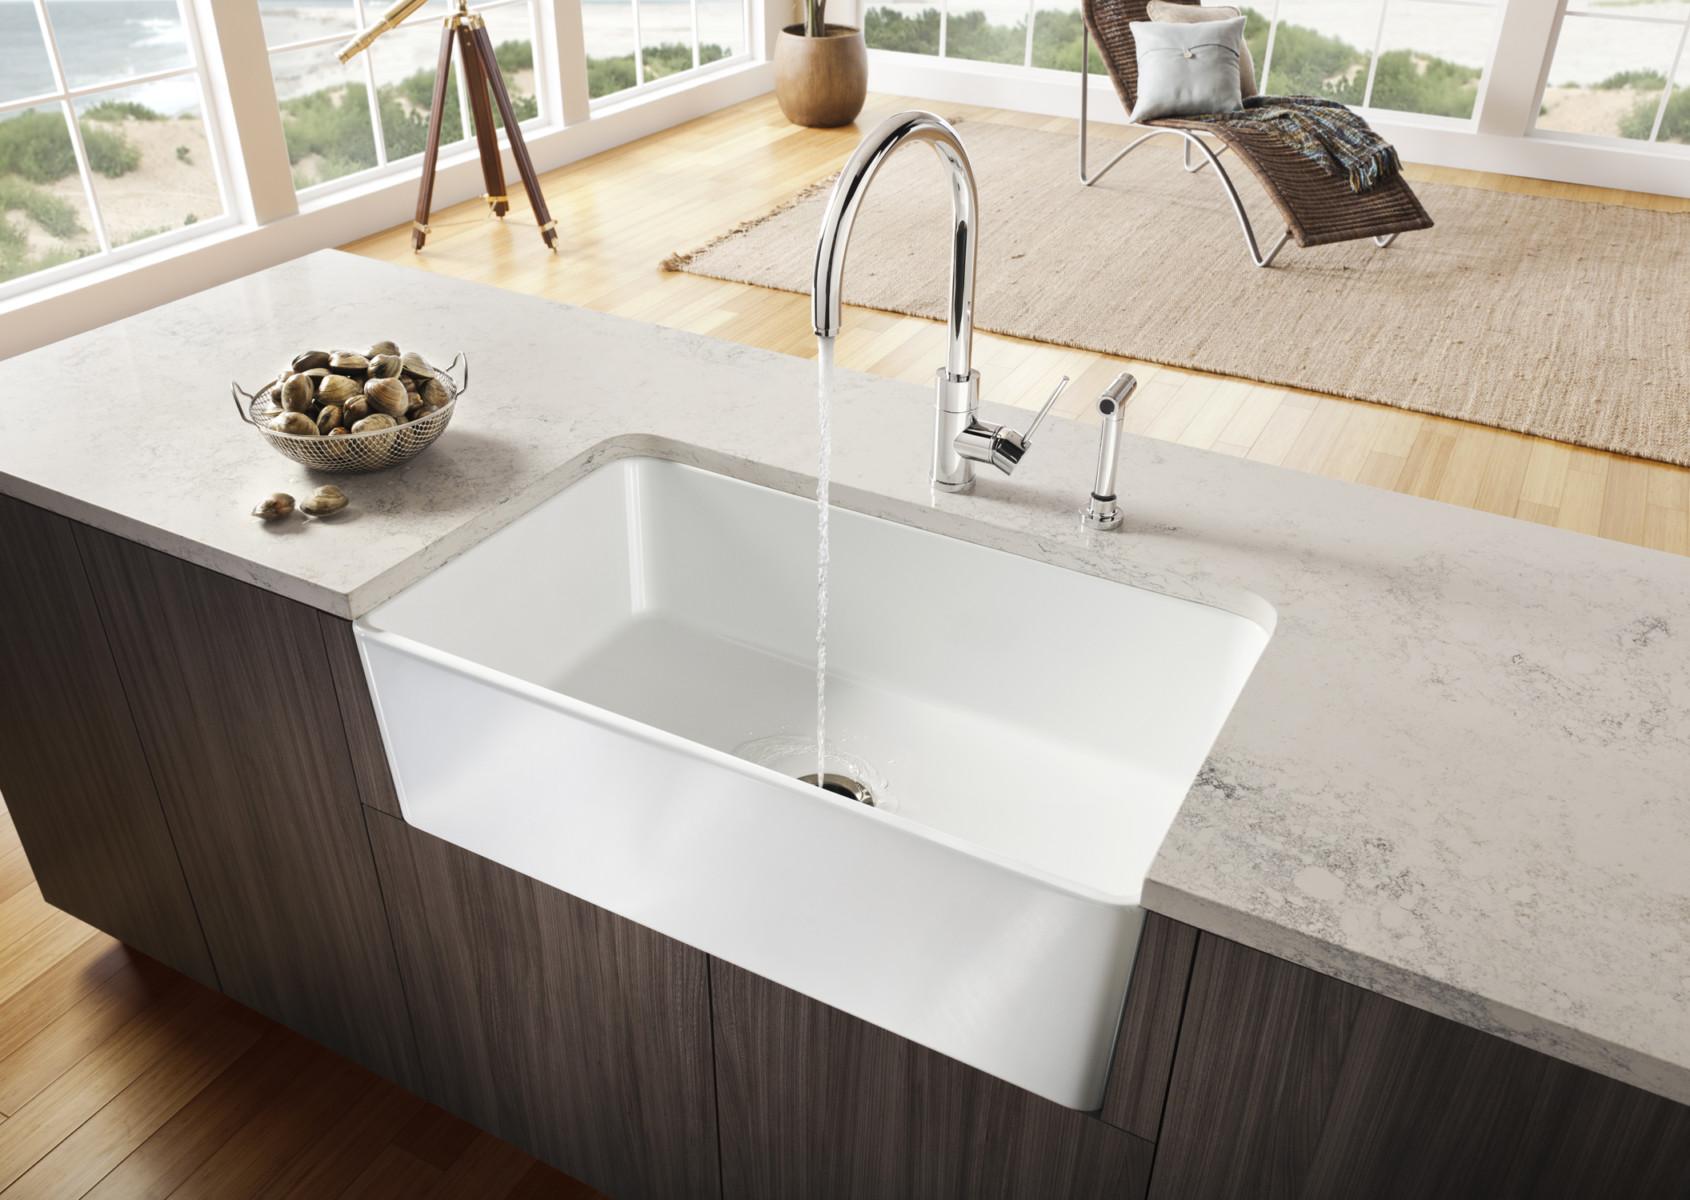 okite quartz kitchen worktops 6